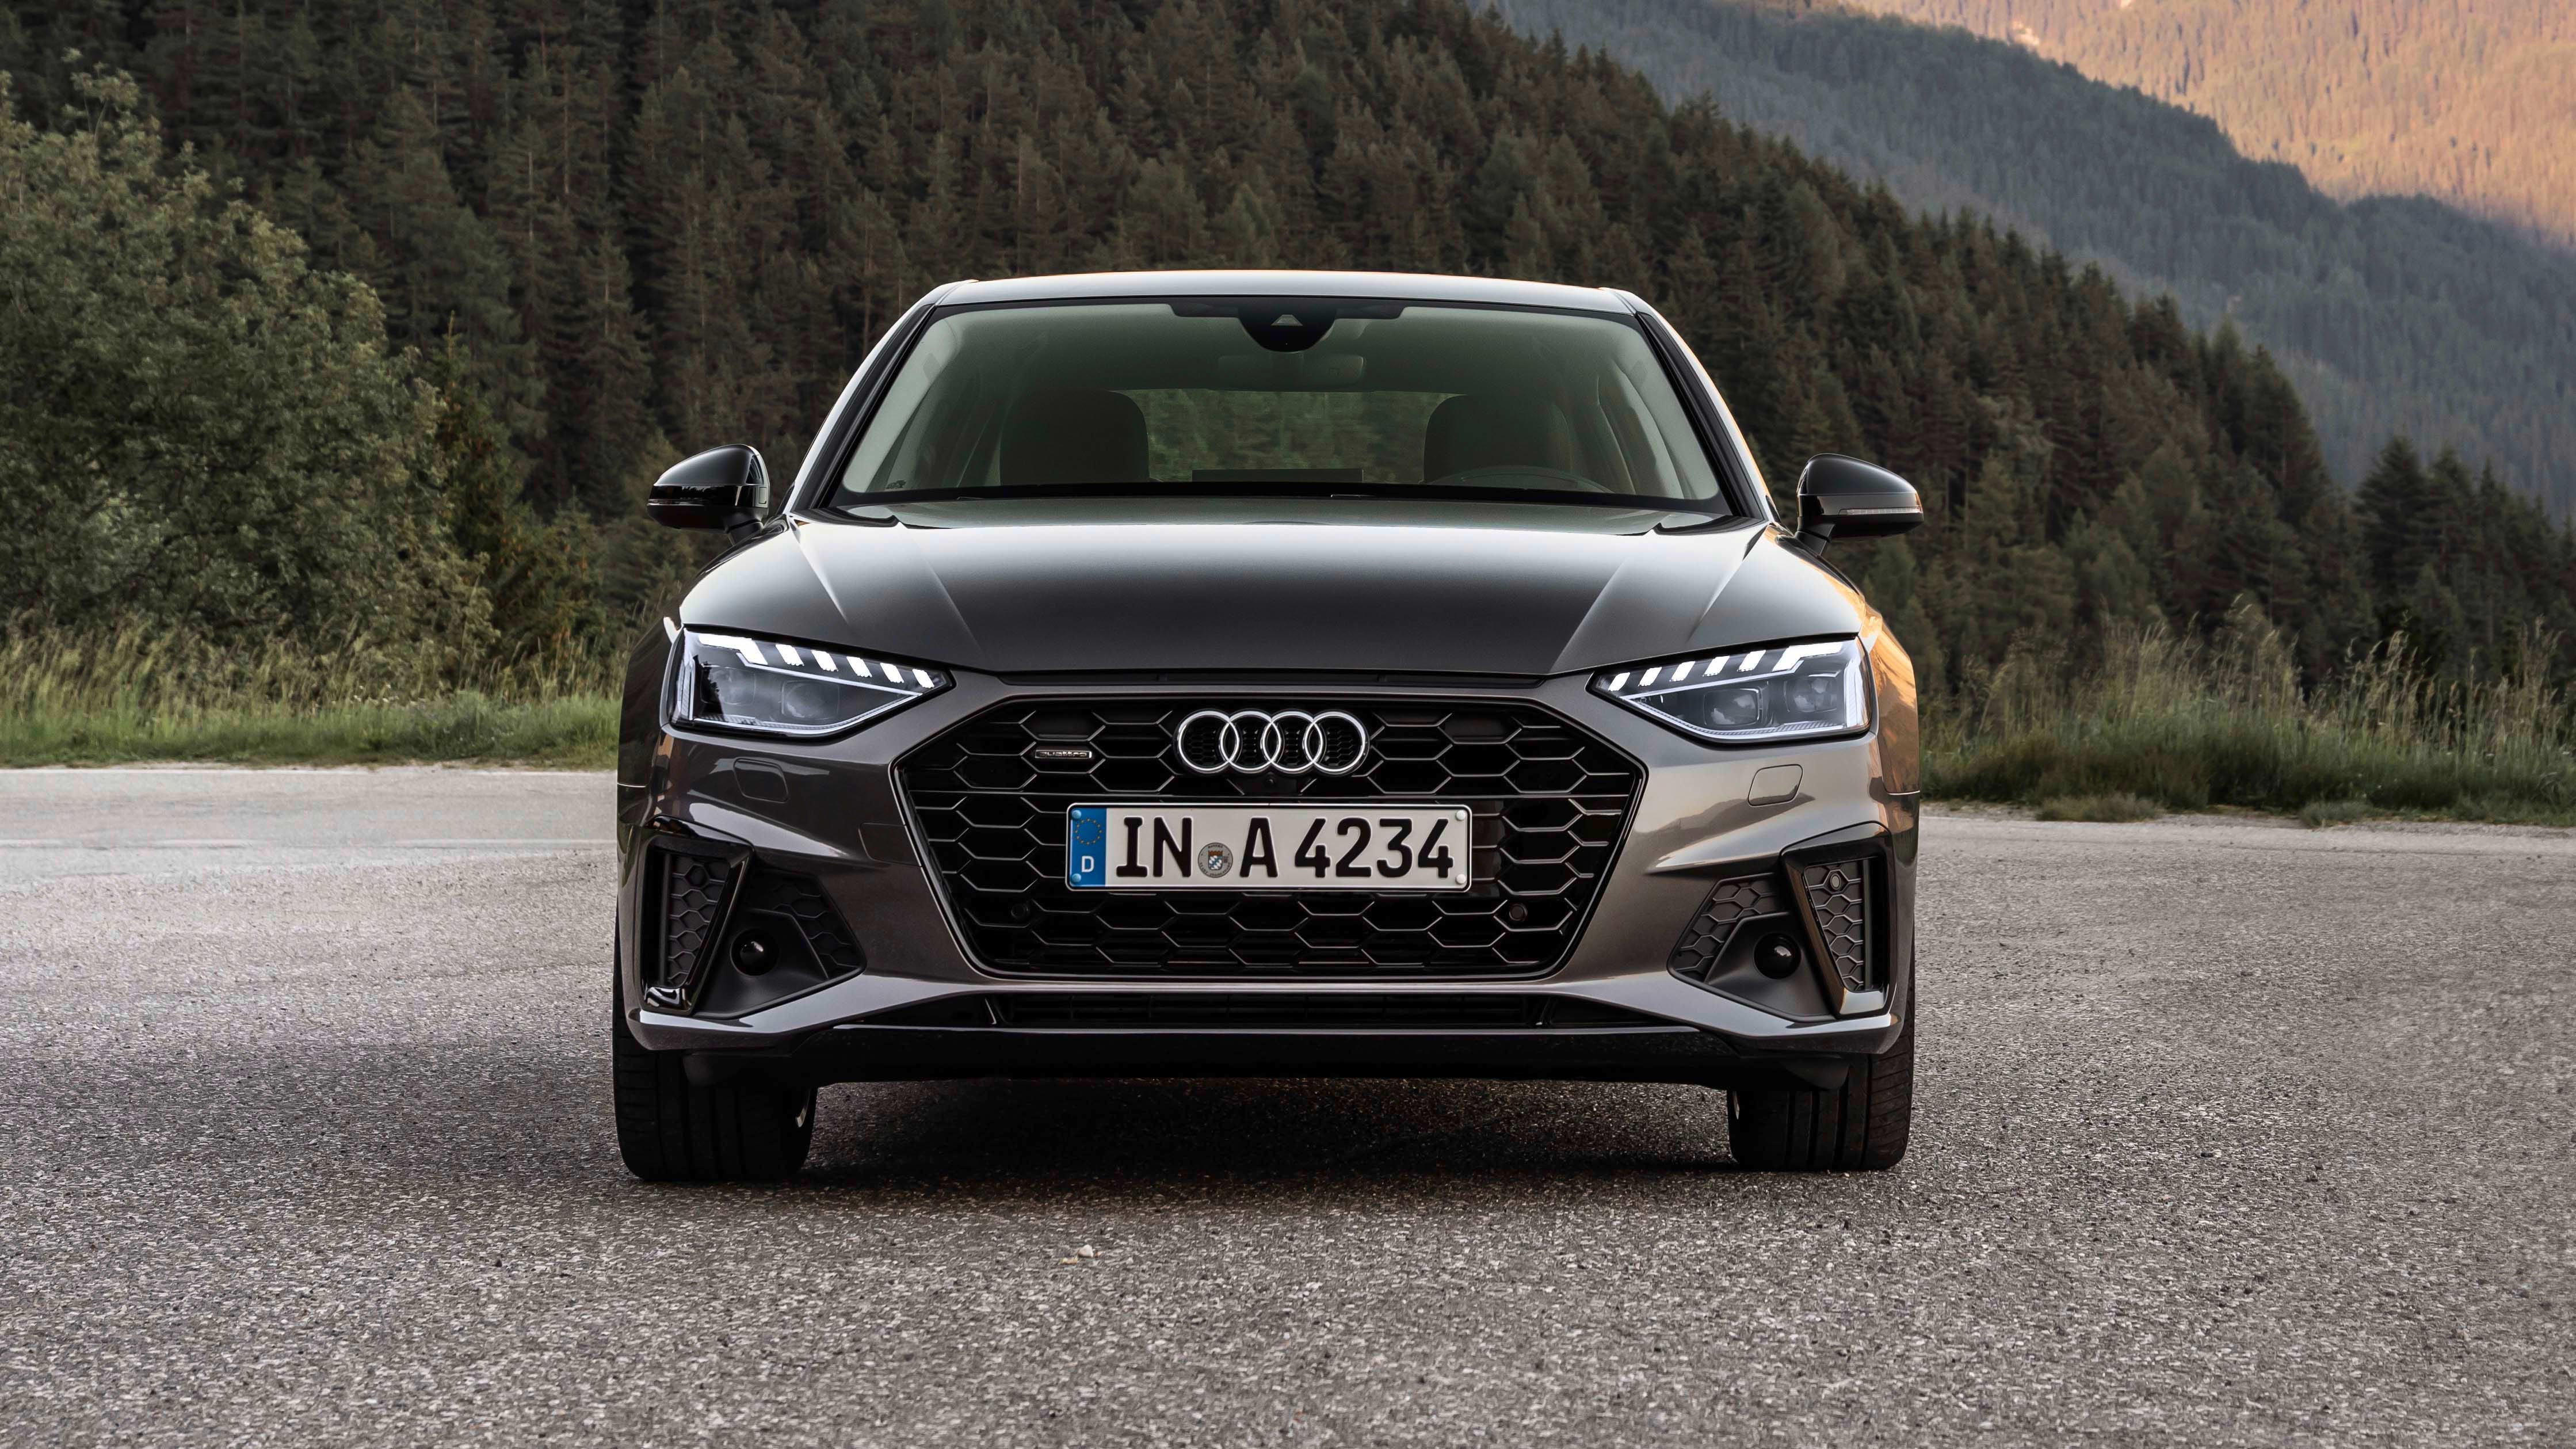 Kekurangan Audi A4 Sport Spesifikasi